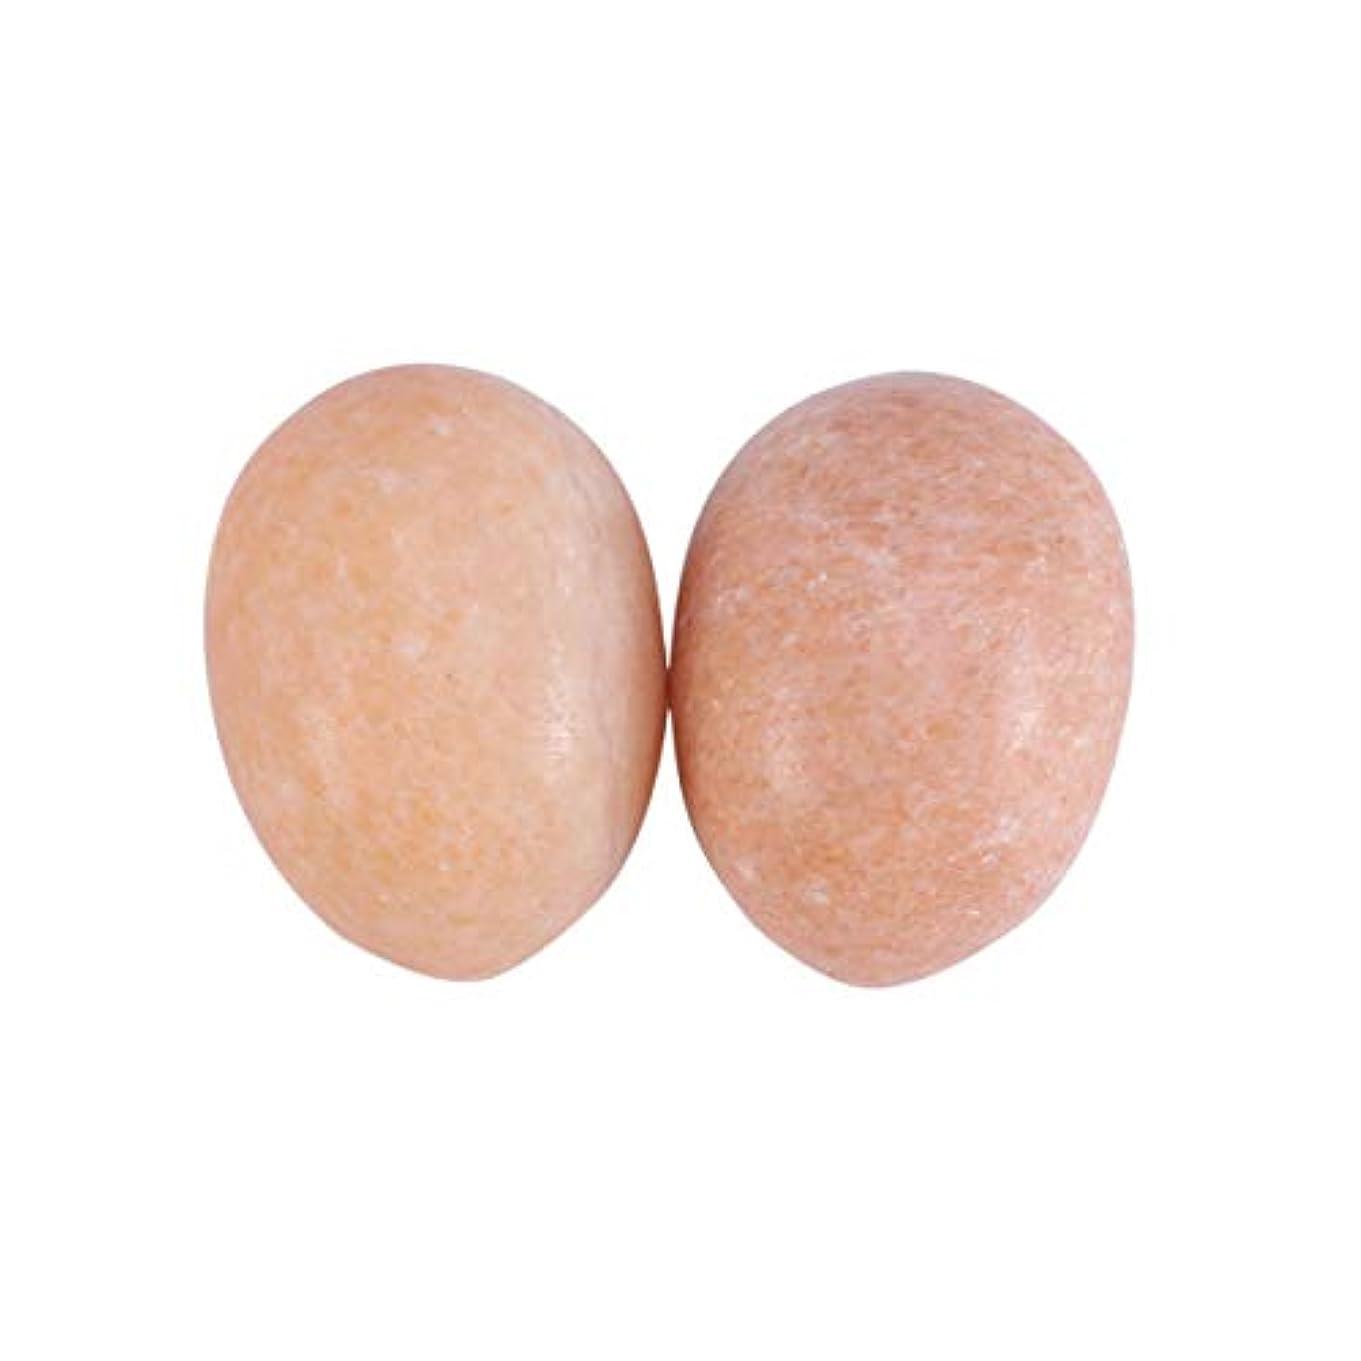 慣習どこか以内にHealifty 妊娠中の女性のためのマッサージボール6個玉ヨニ卵骨盤底筋マッサージ運動膣締め付けボールヘルスケア(サンセットレッド)